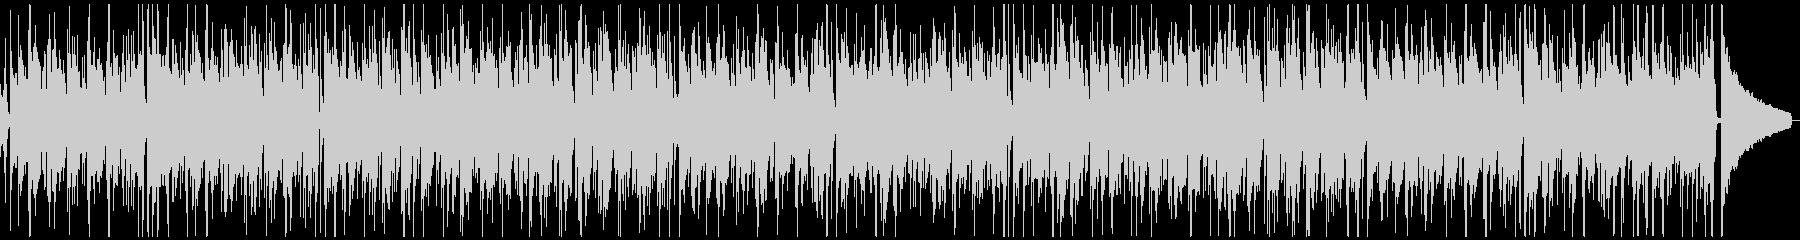 ウクレレのトロピカルな夏のレゲエ風BGMの未再生の波形